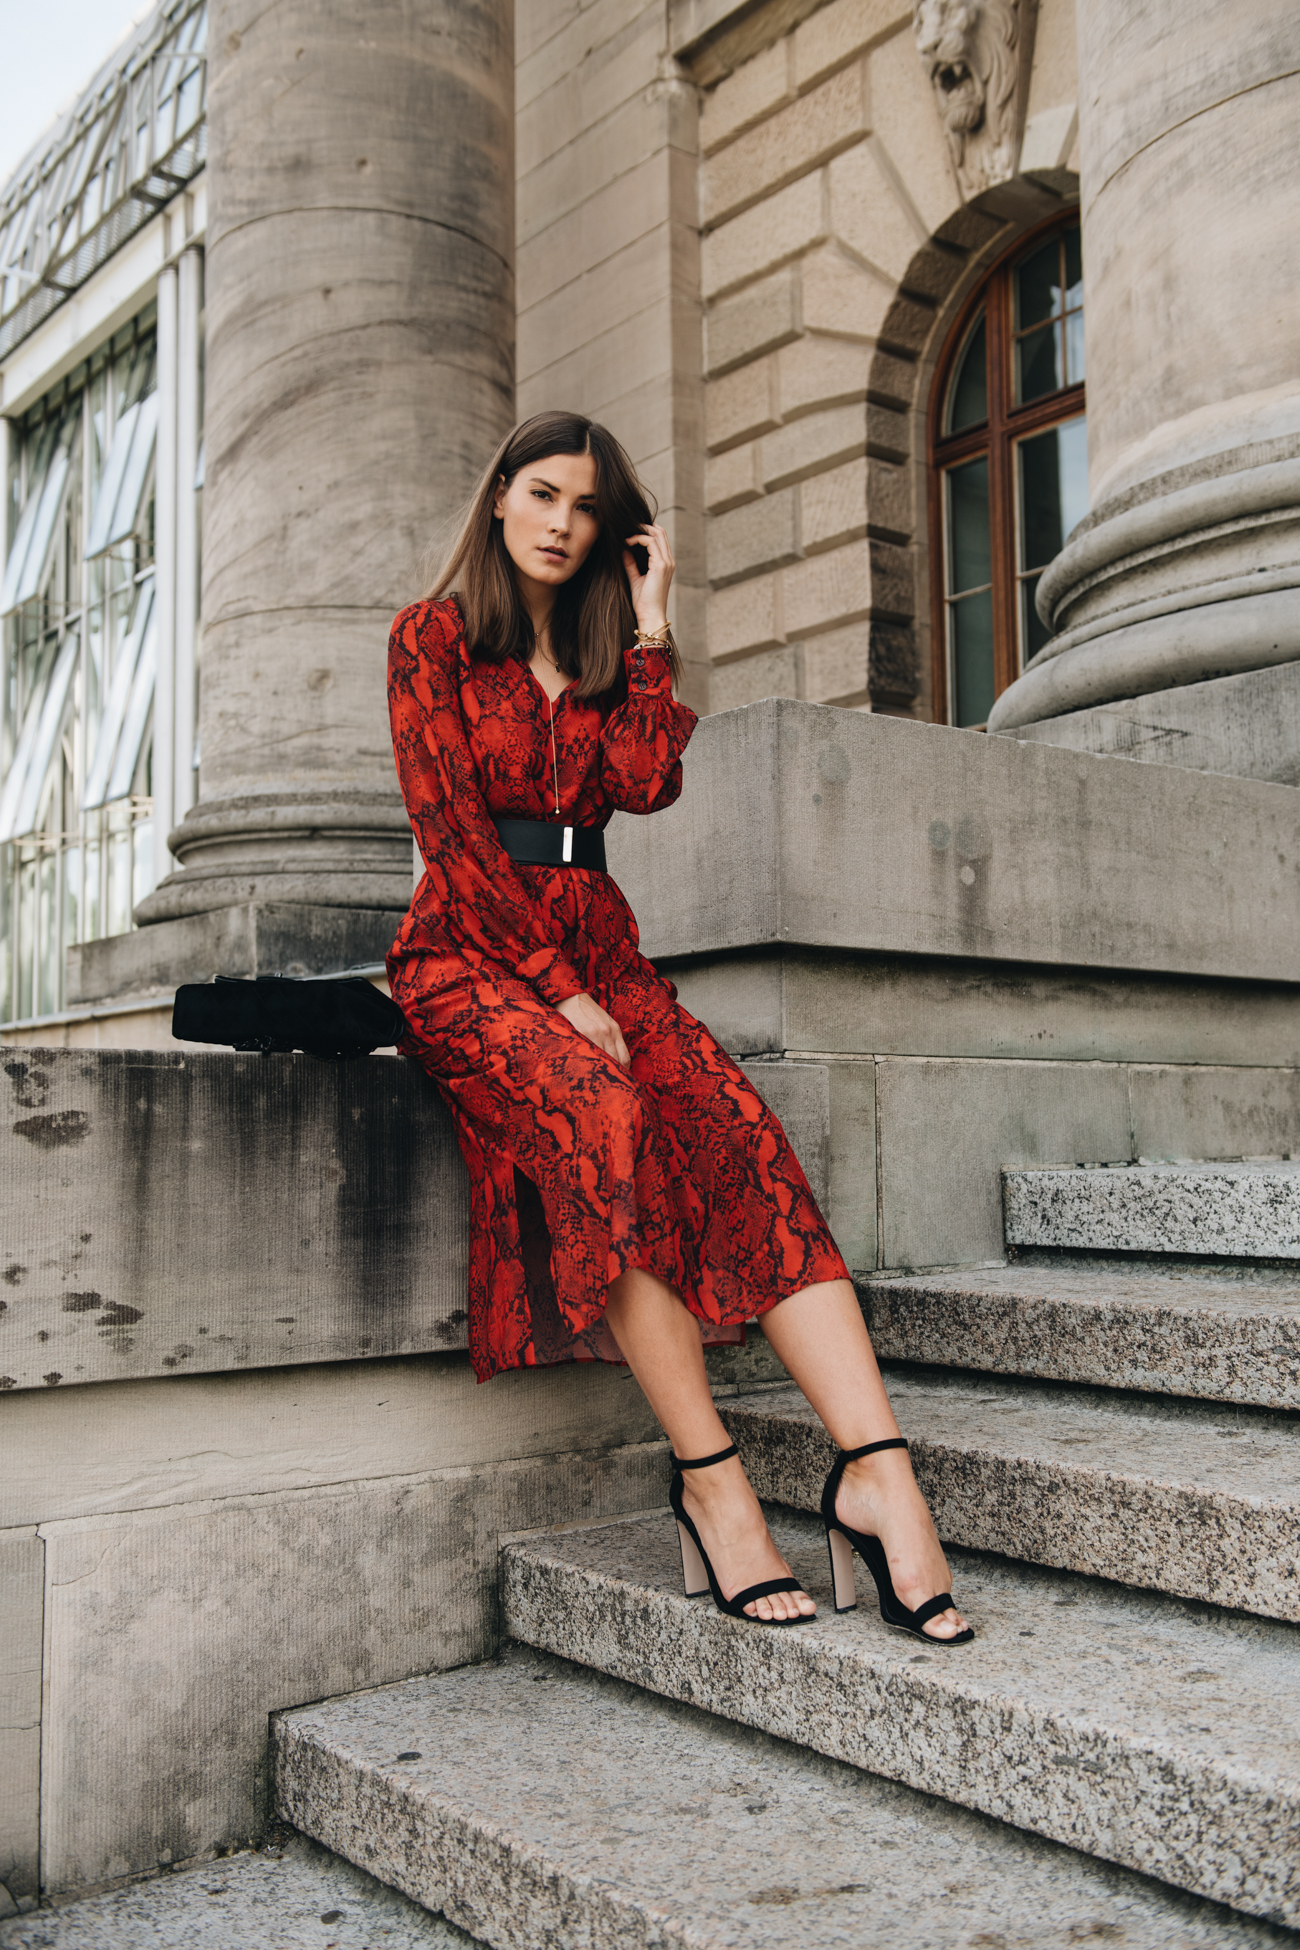 die wichtigsten kleidertrends im herbst 2020/21 | fashiioncarpet